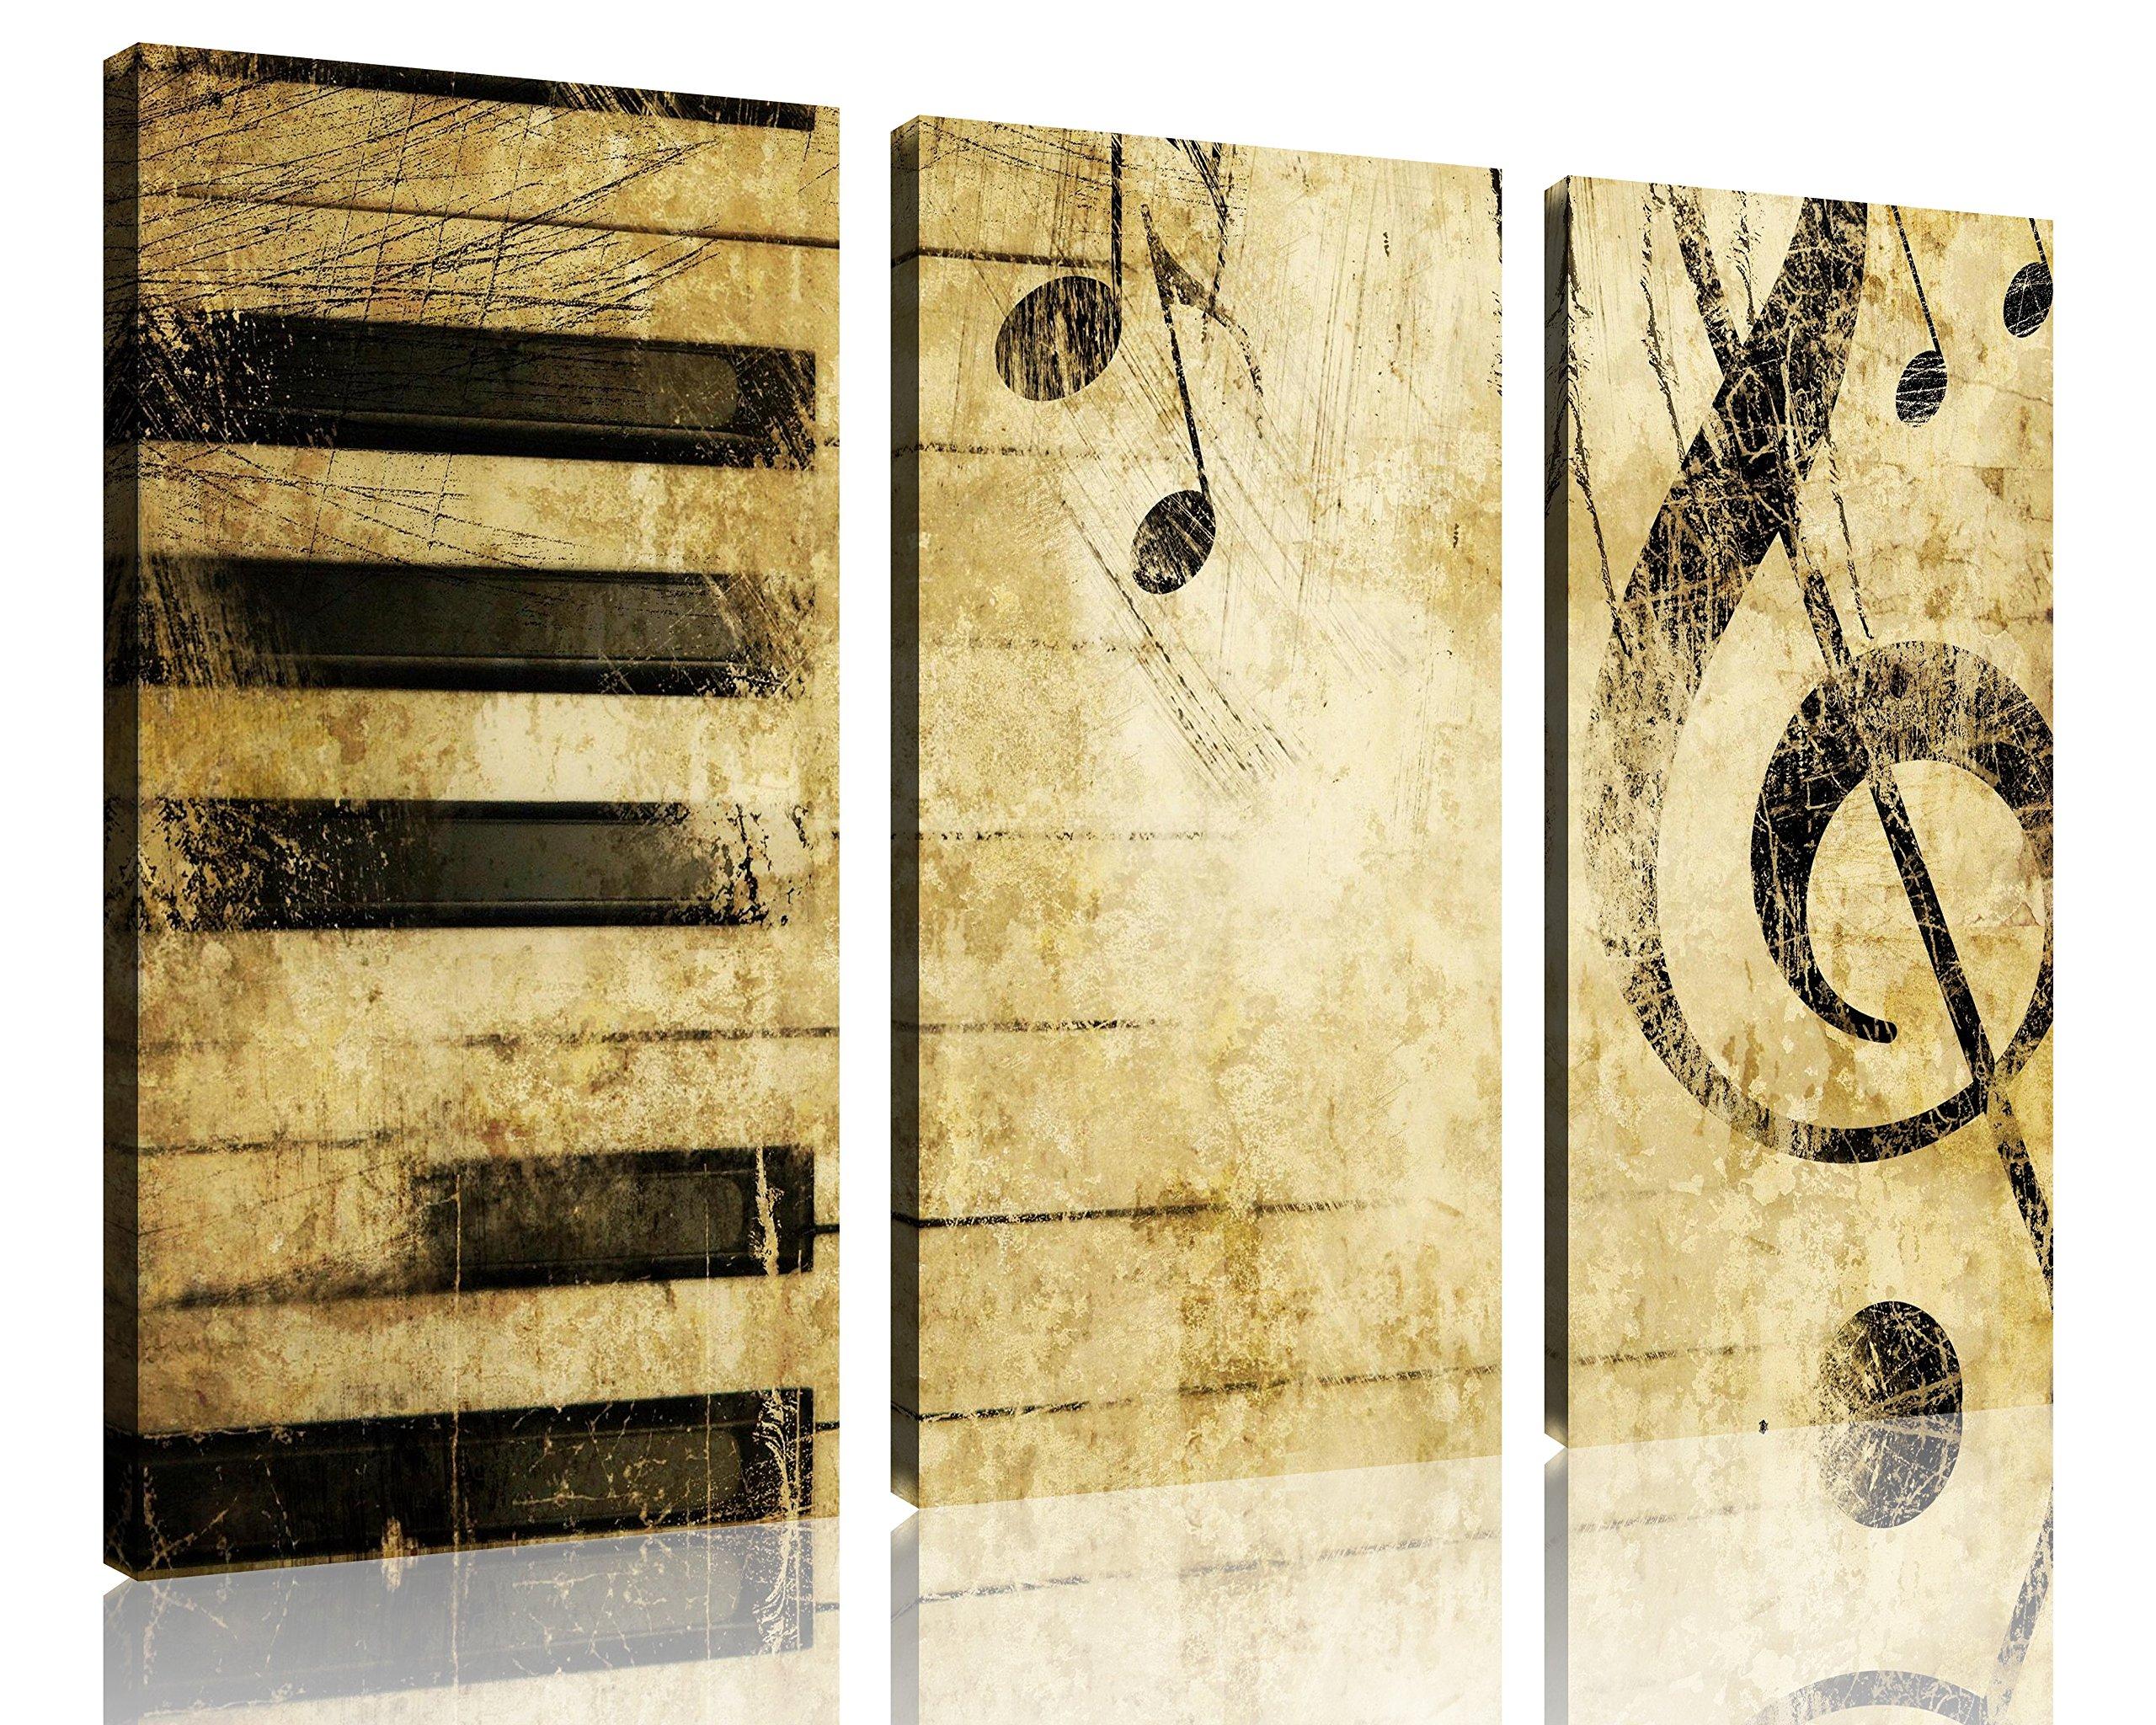 Piano Artwork: Amazon.com